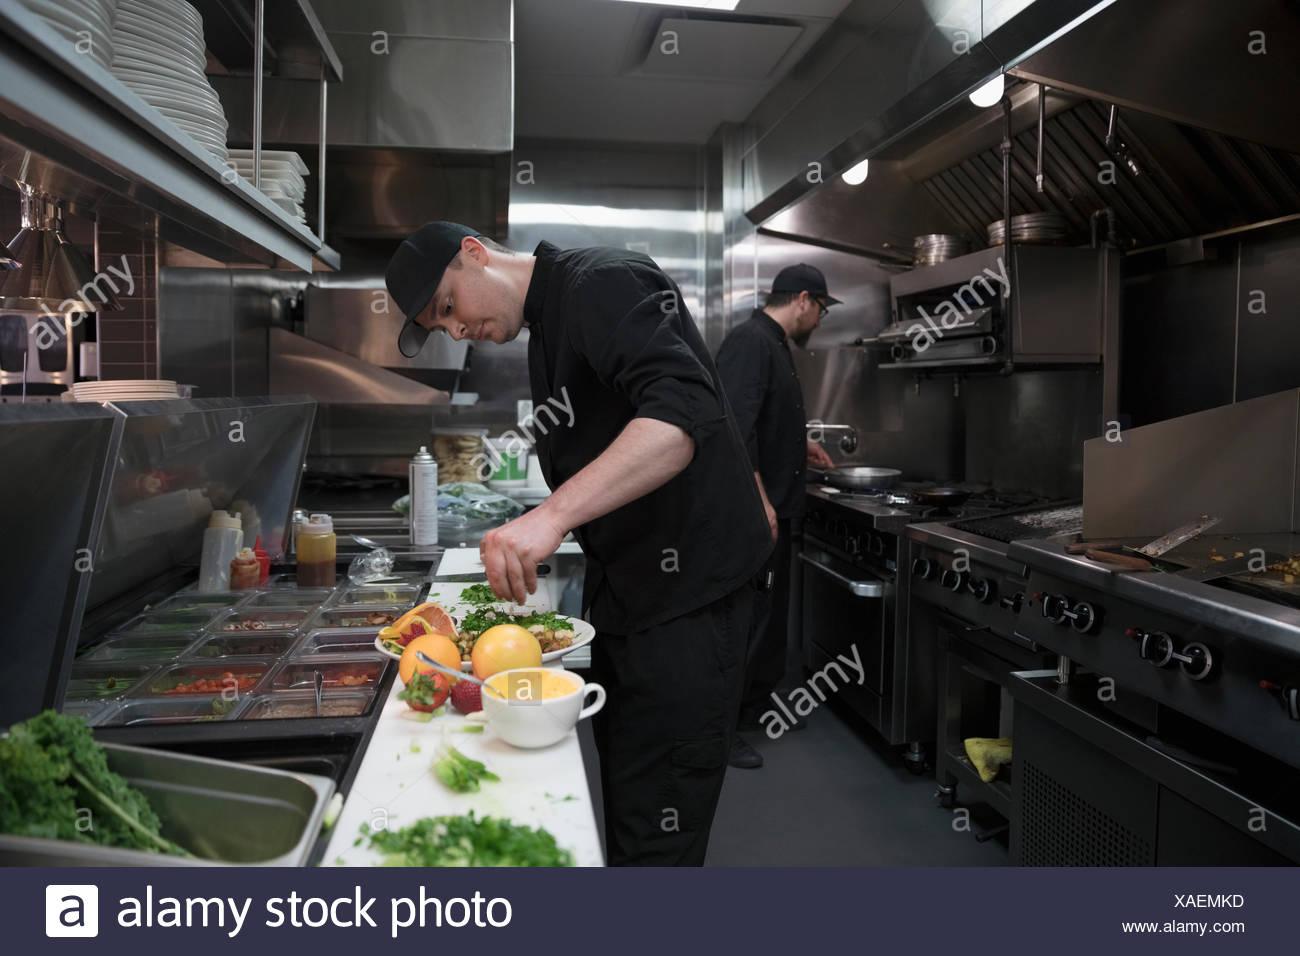 Cuisinier à la chaîne la préparation des aliments dans une cuisine de restaurant Photo Stock